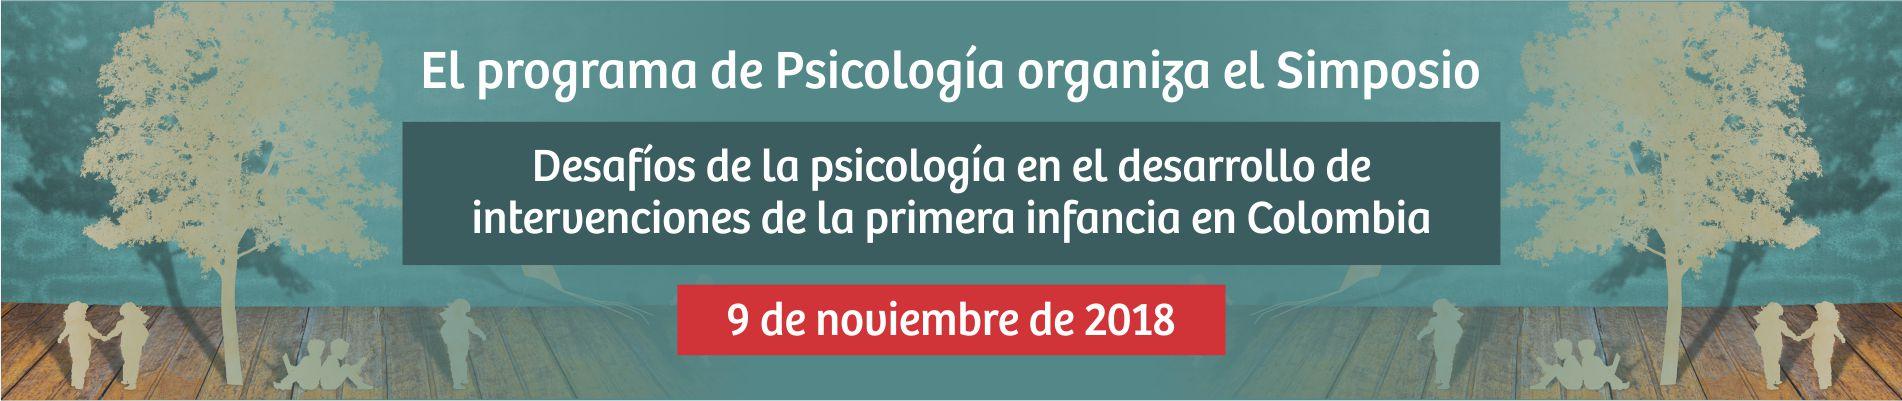 Banner Simposio Psicologia